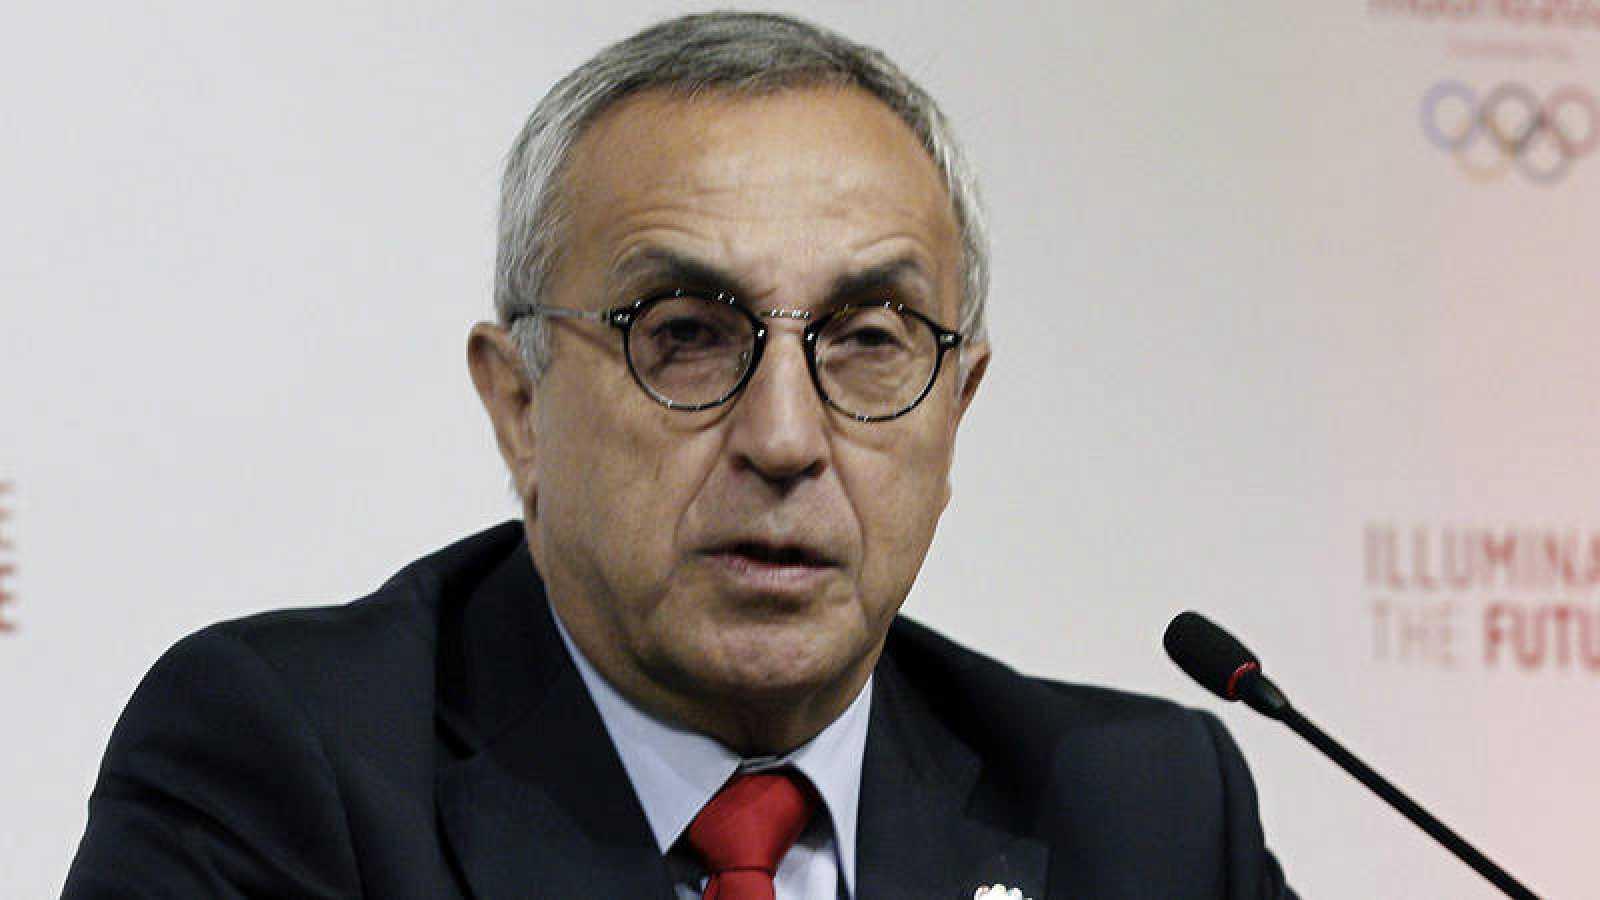 Alejandro Blanco durante una rueda de prensa. Fuente de imagen: EFE NOTICIAS